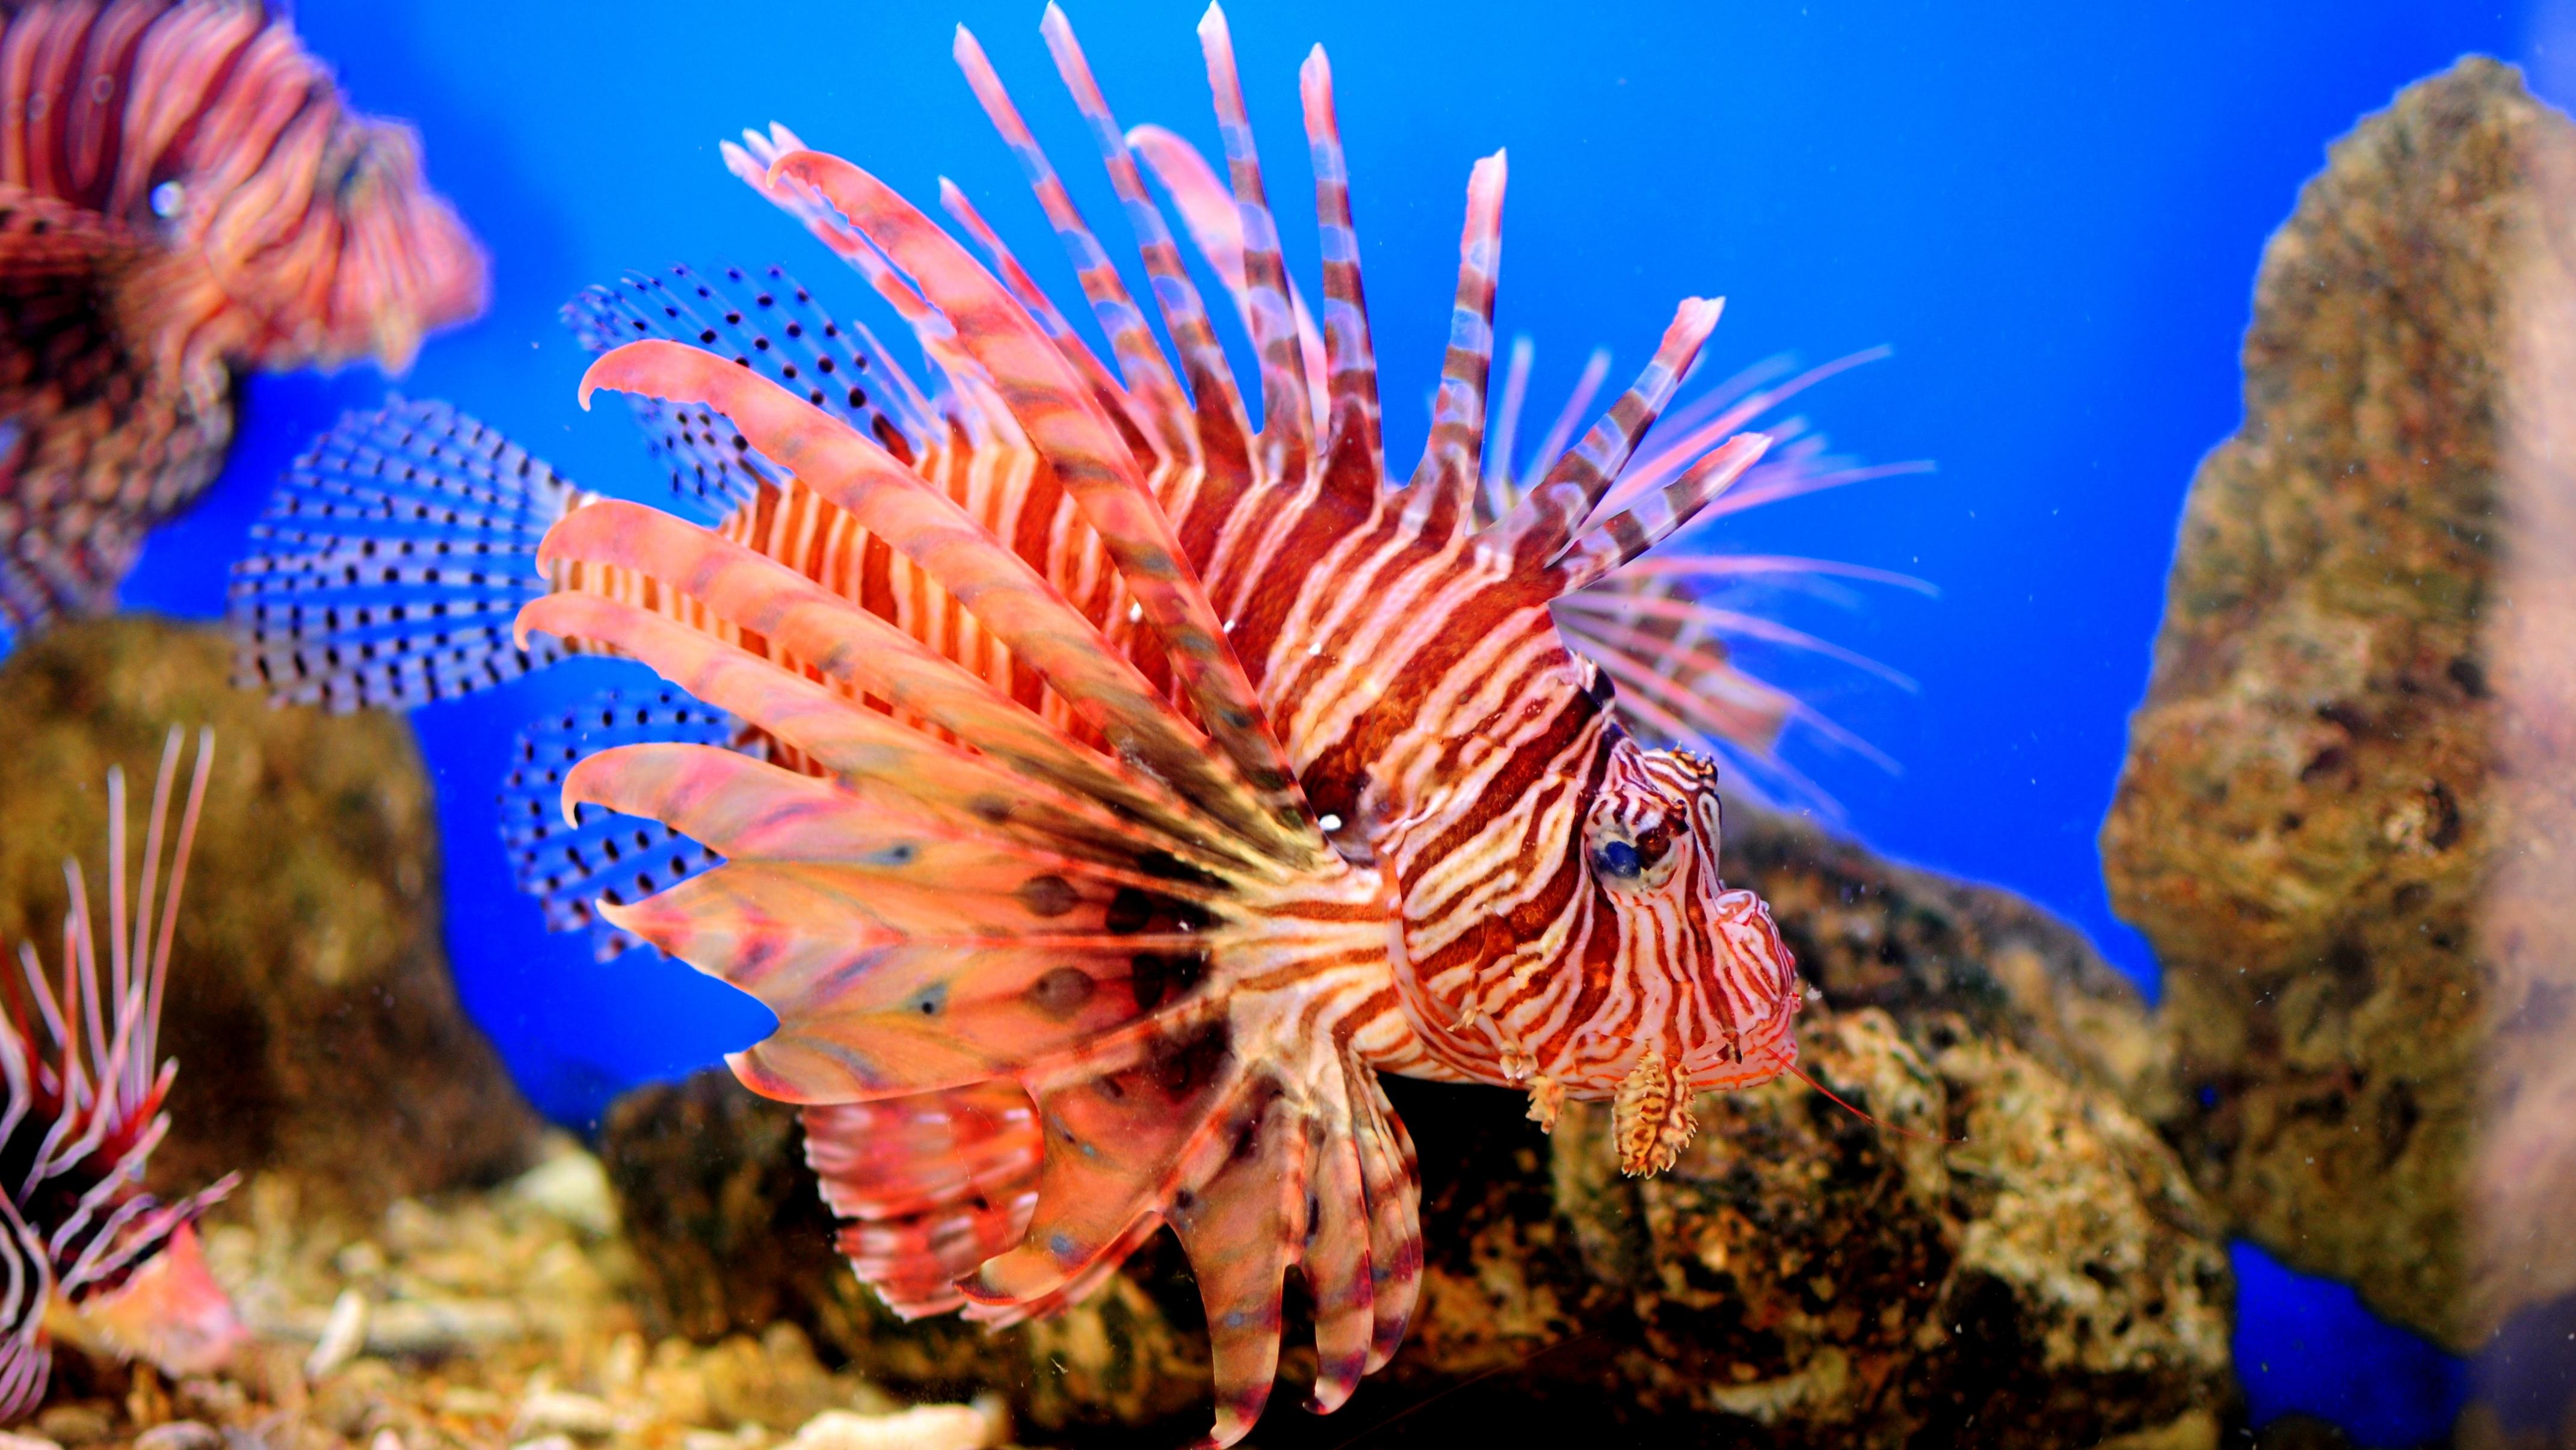 Fotoğraf Sualtı Biyoloji Balık Fauna Aslan Balığı Mercan